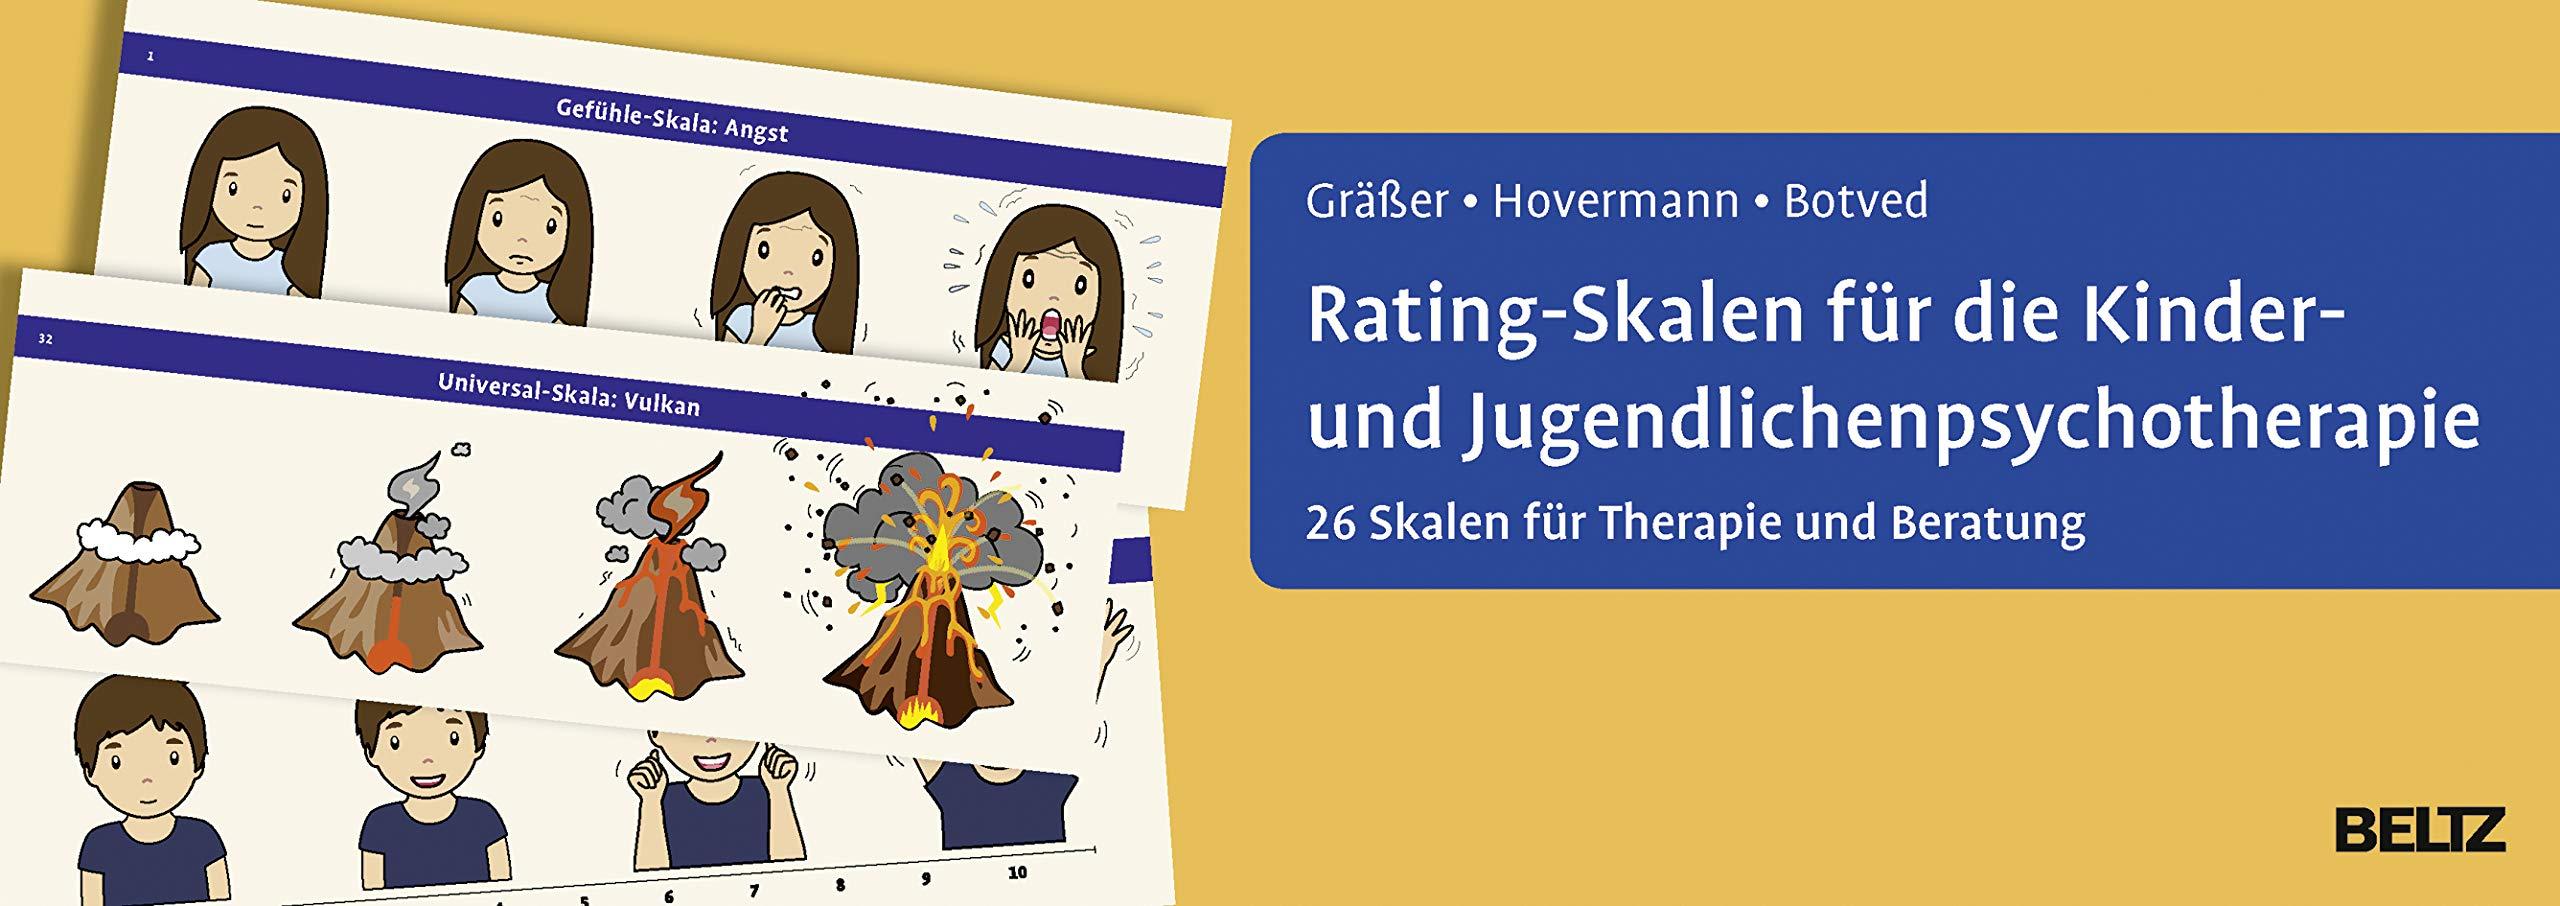 Rating-Skalen für die Kinder- und Jugendlichenpsychotherapie: 26 Skalen für Therapie und Beratung